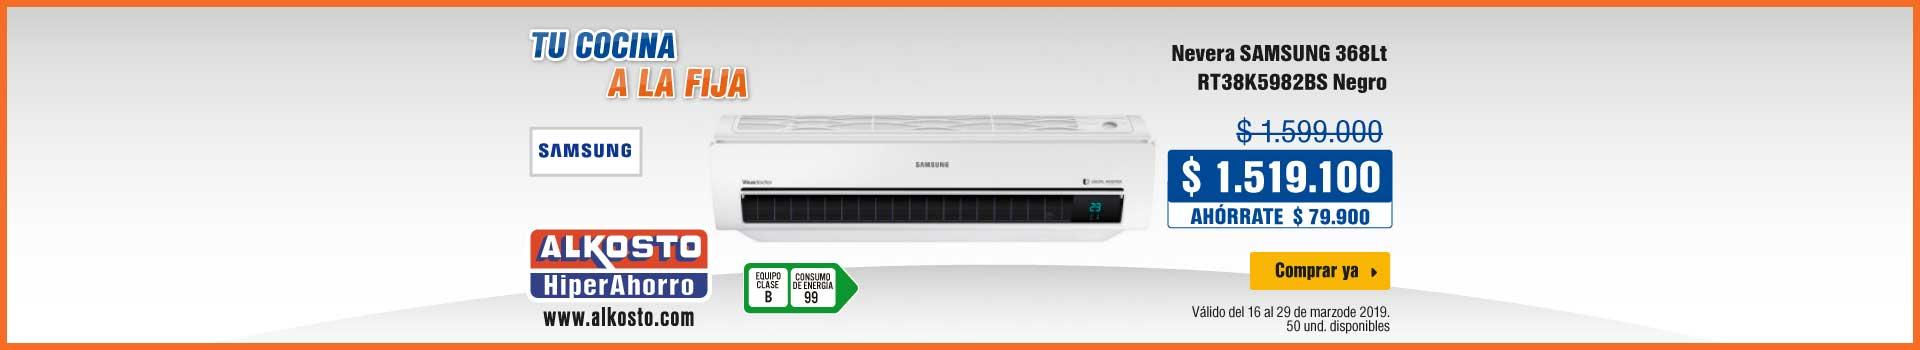 AK-KT-mayores-2-ELECT-BCAT-climatizacion-samsung-160319-2